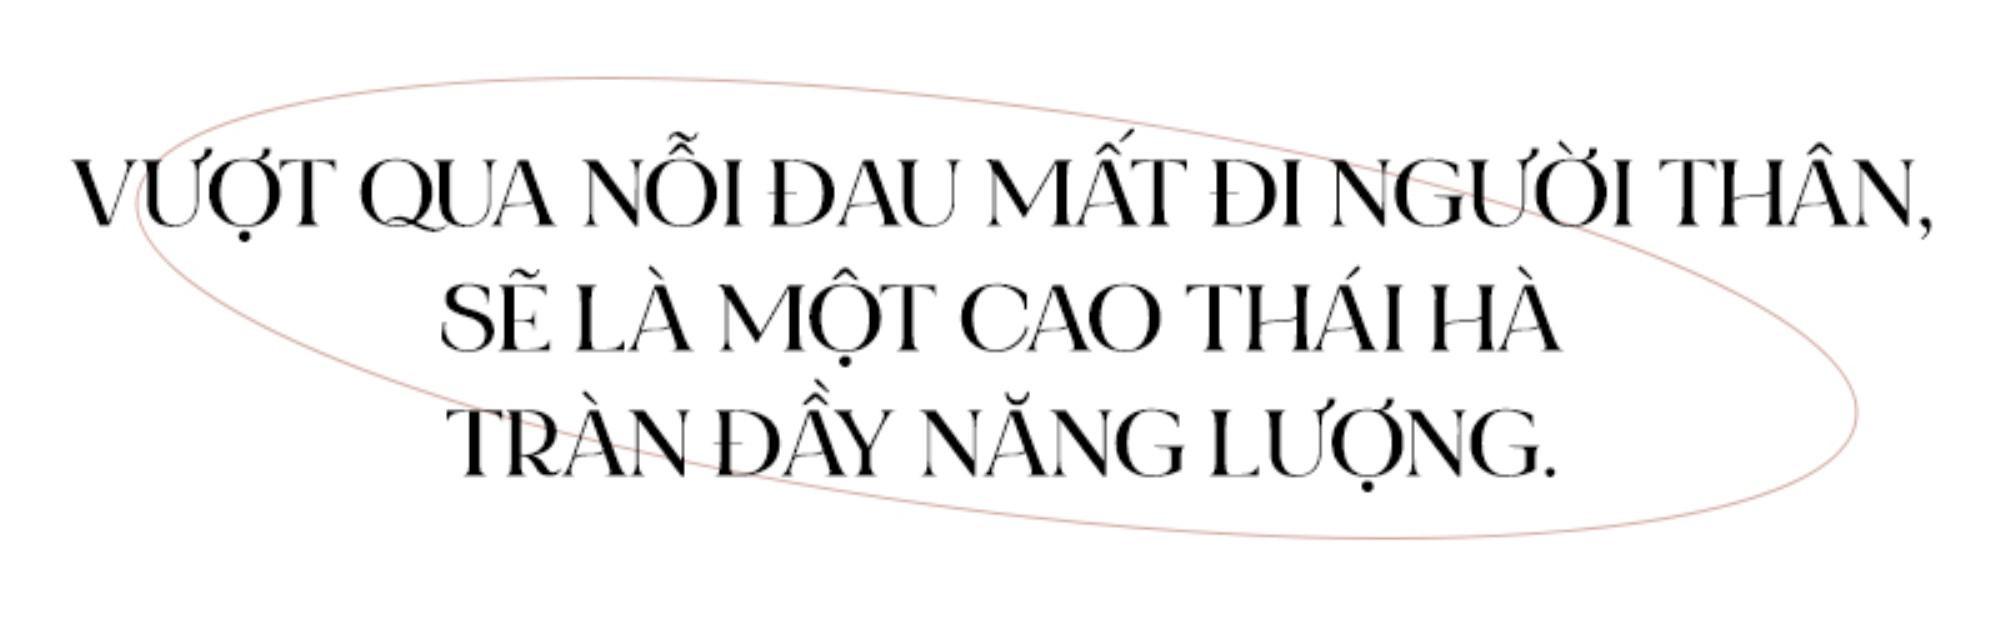 Cao Thái Hà: Chưa từng nghĩ phải vượt qua nỗi đau mất người thân, chọn sống tích cực để đối diện mọi thứ Ảnh 4